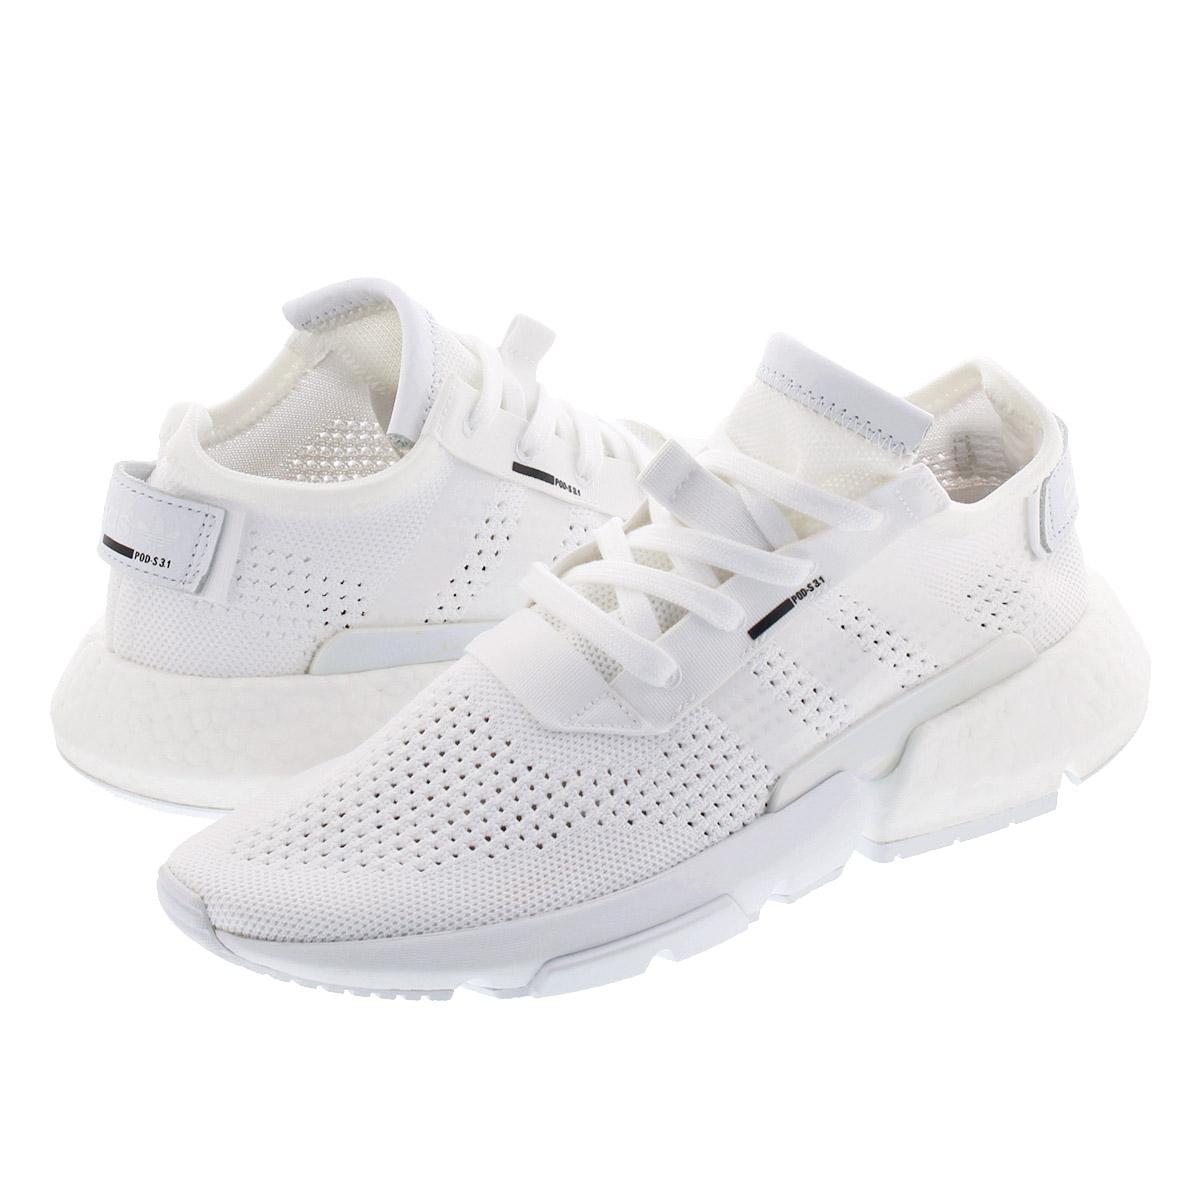 【毎日がお得!値下げプライス】 adidas POD-S3.1 W アディダス POD-S3.1 ウィメンズ RUNNING WHITE/RUNNING WHITE/SHOCK PINK db2698